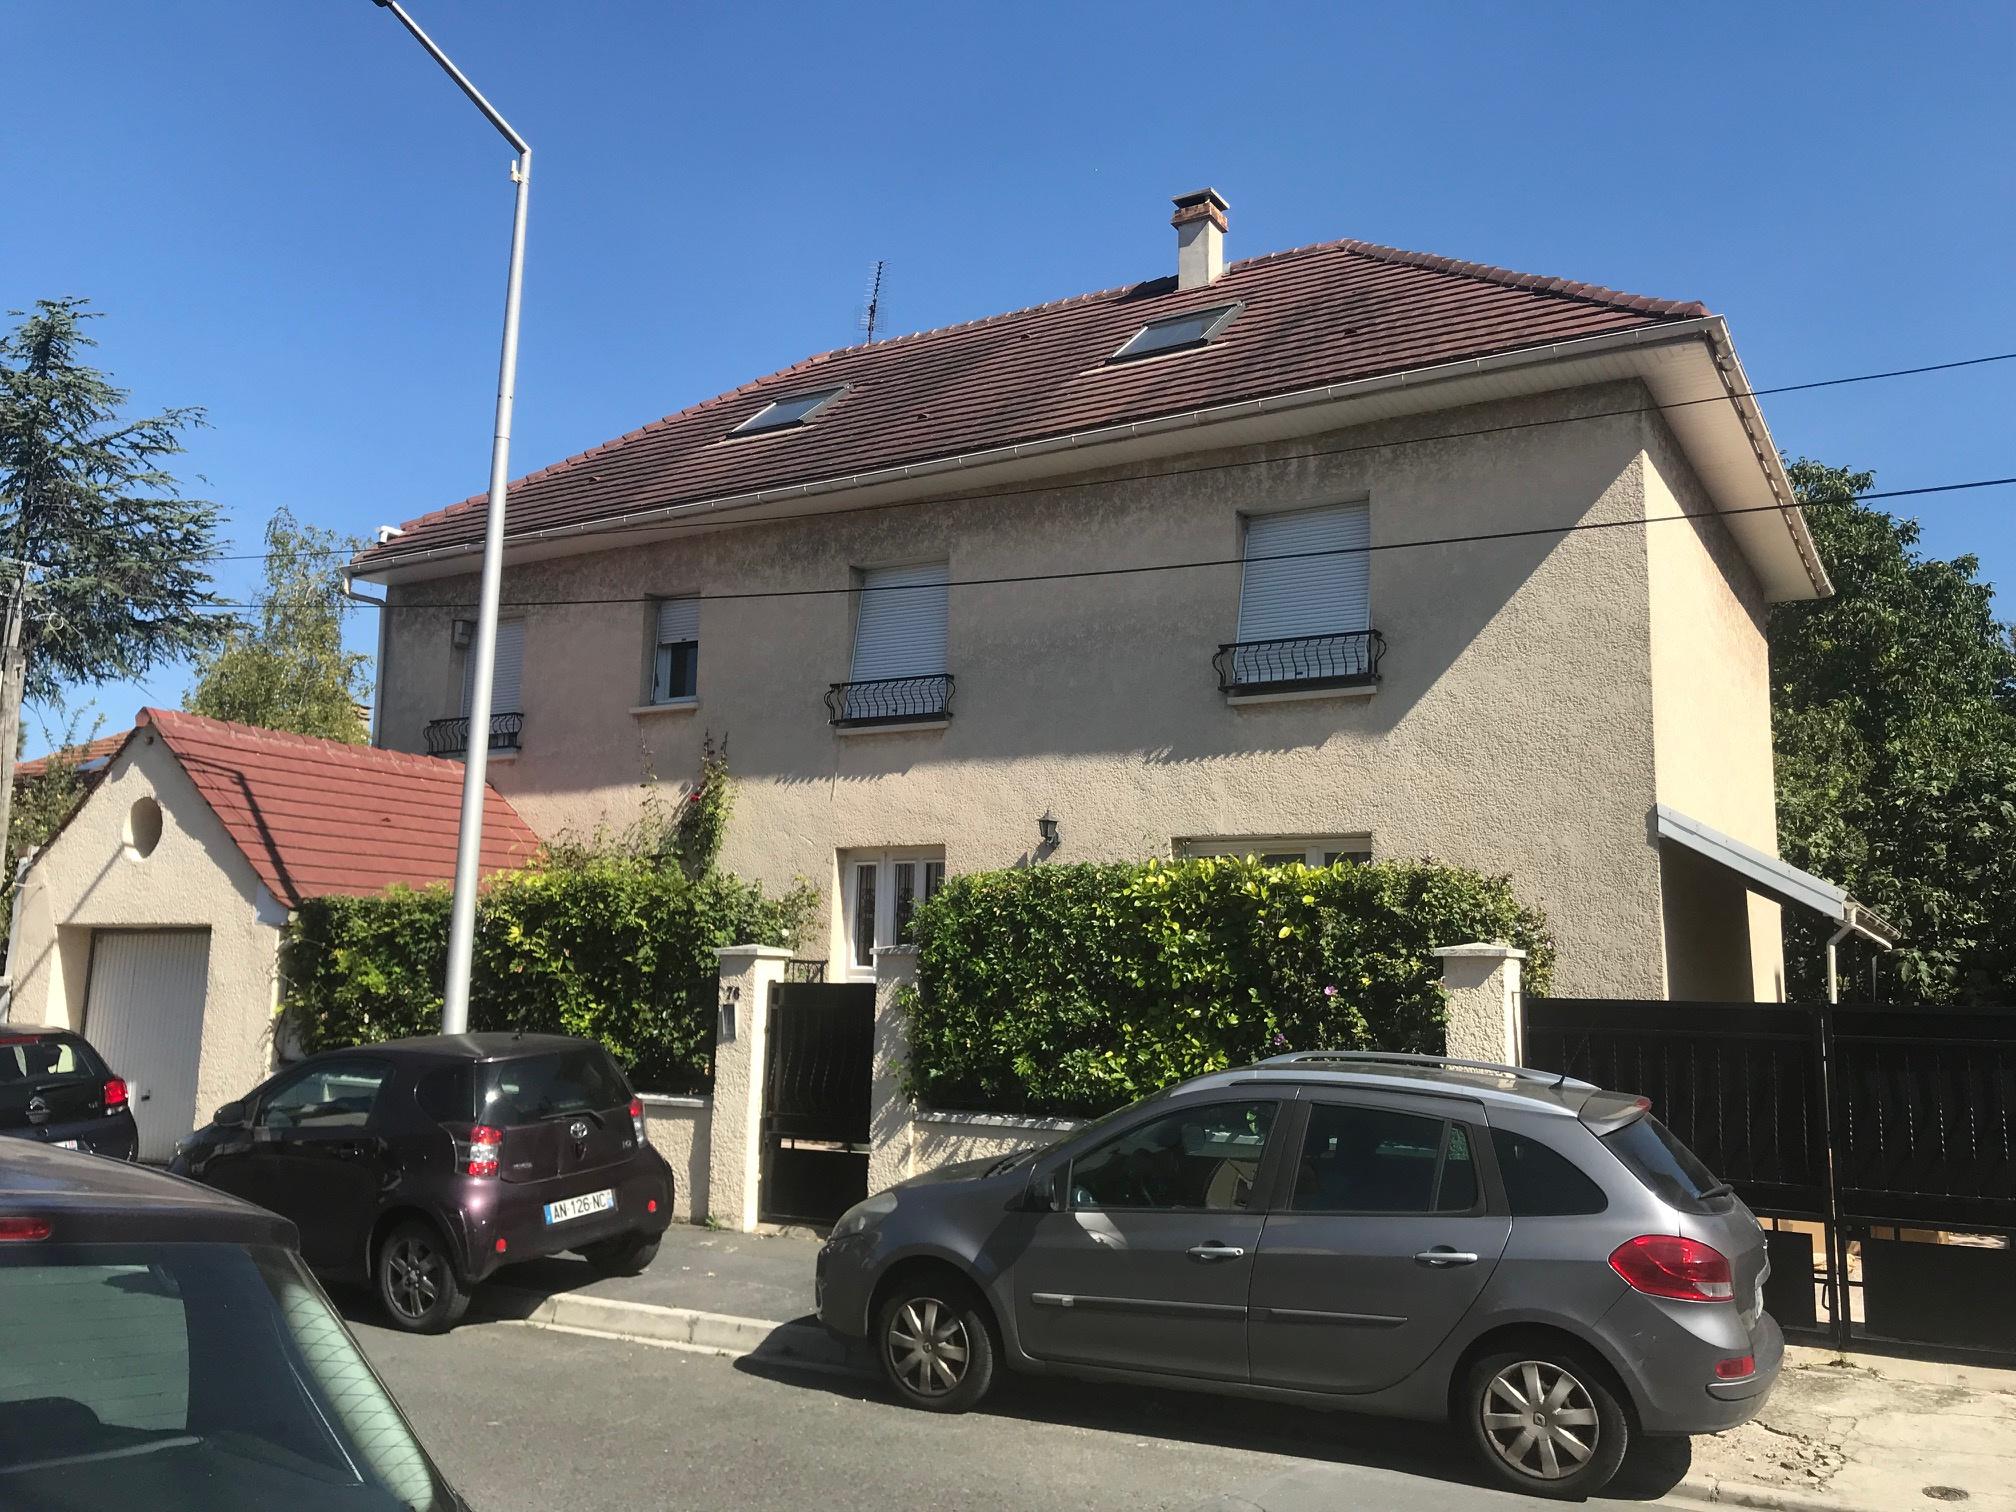 Vente maison villa spacieuse maison saint denis for Garage bon accueil saint denis